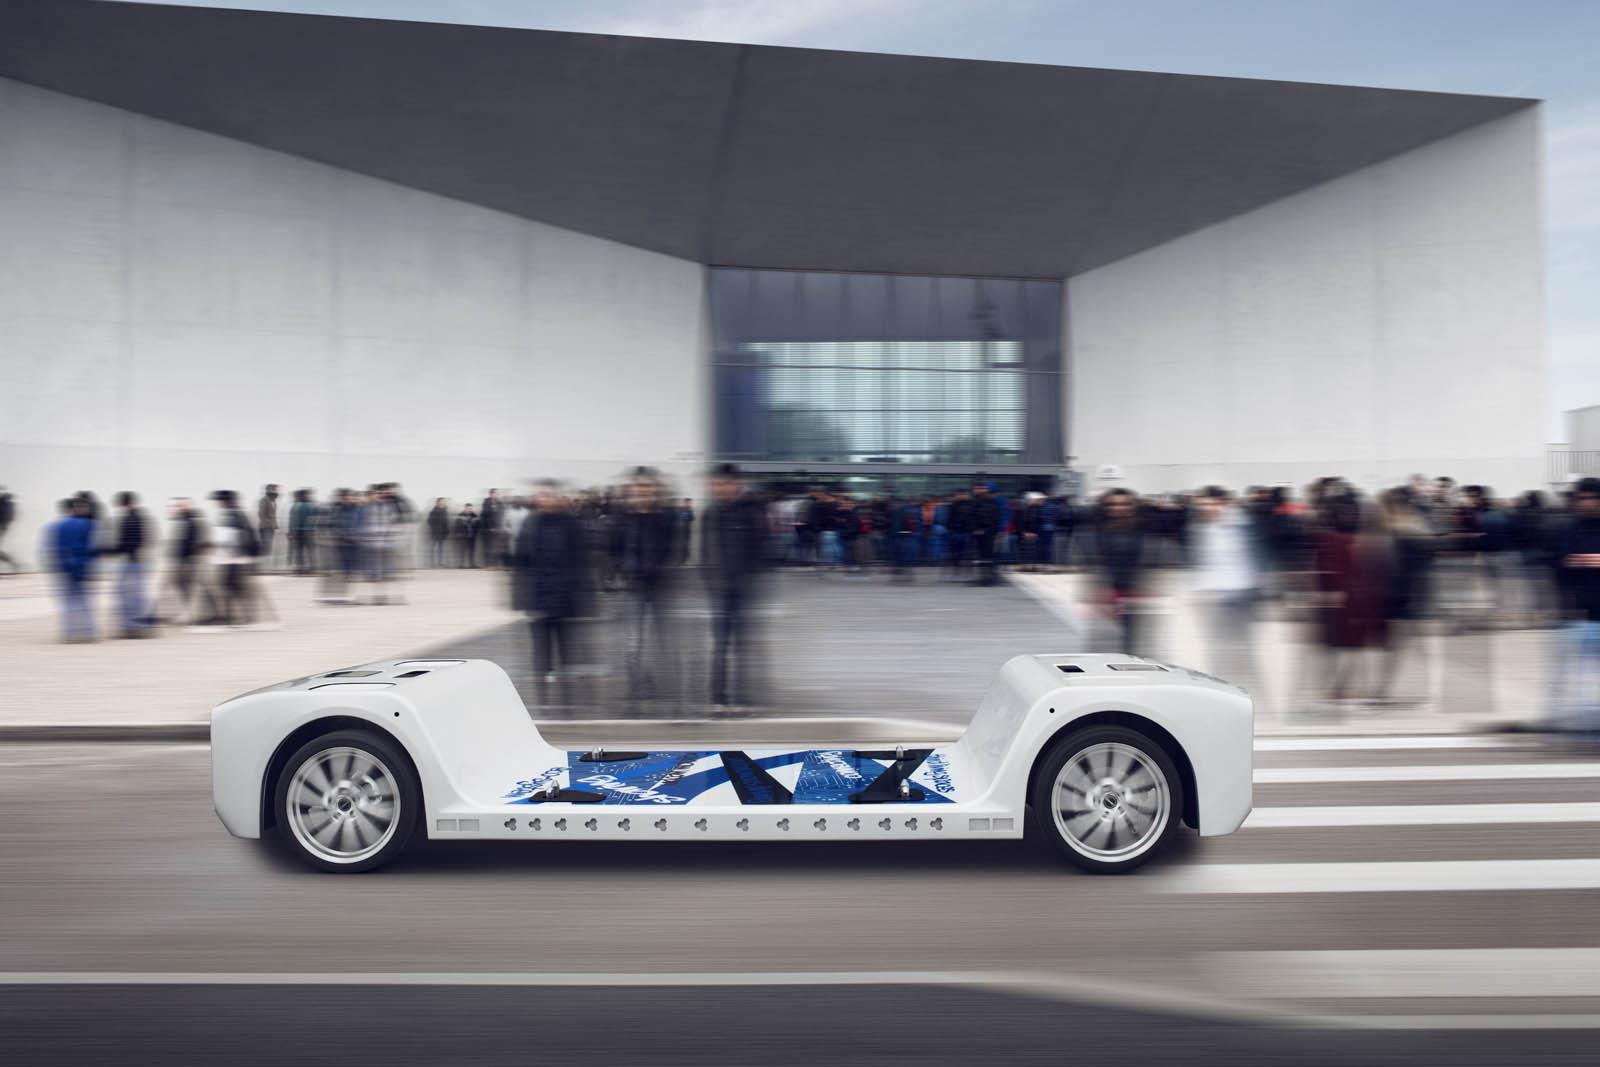 اسکیتبرد، خودرو یا فضایی فناورانه برای زندگی؟ خودروهای آینده به چیزی تبدیل میشوند؟